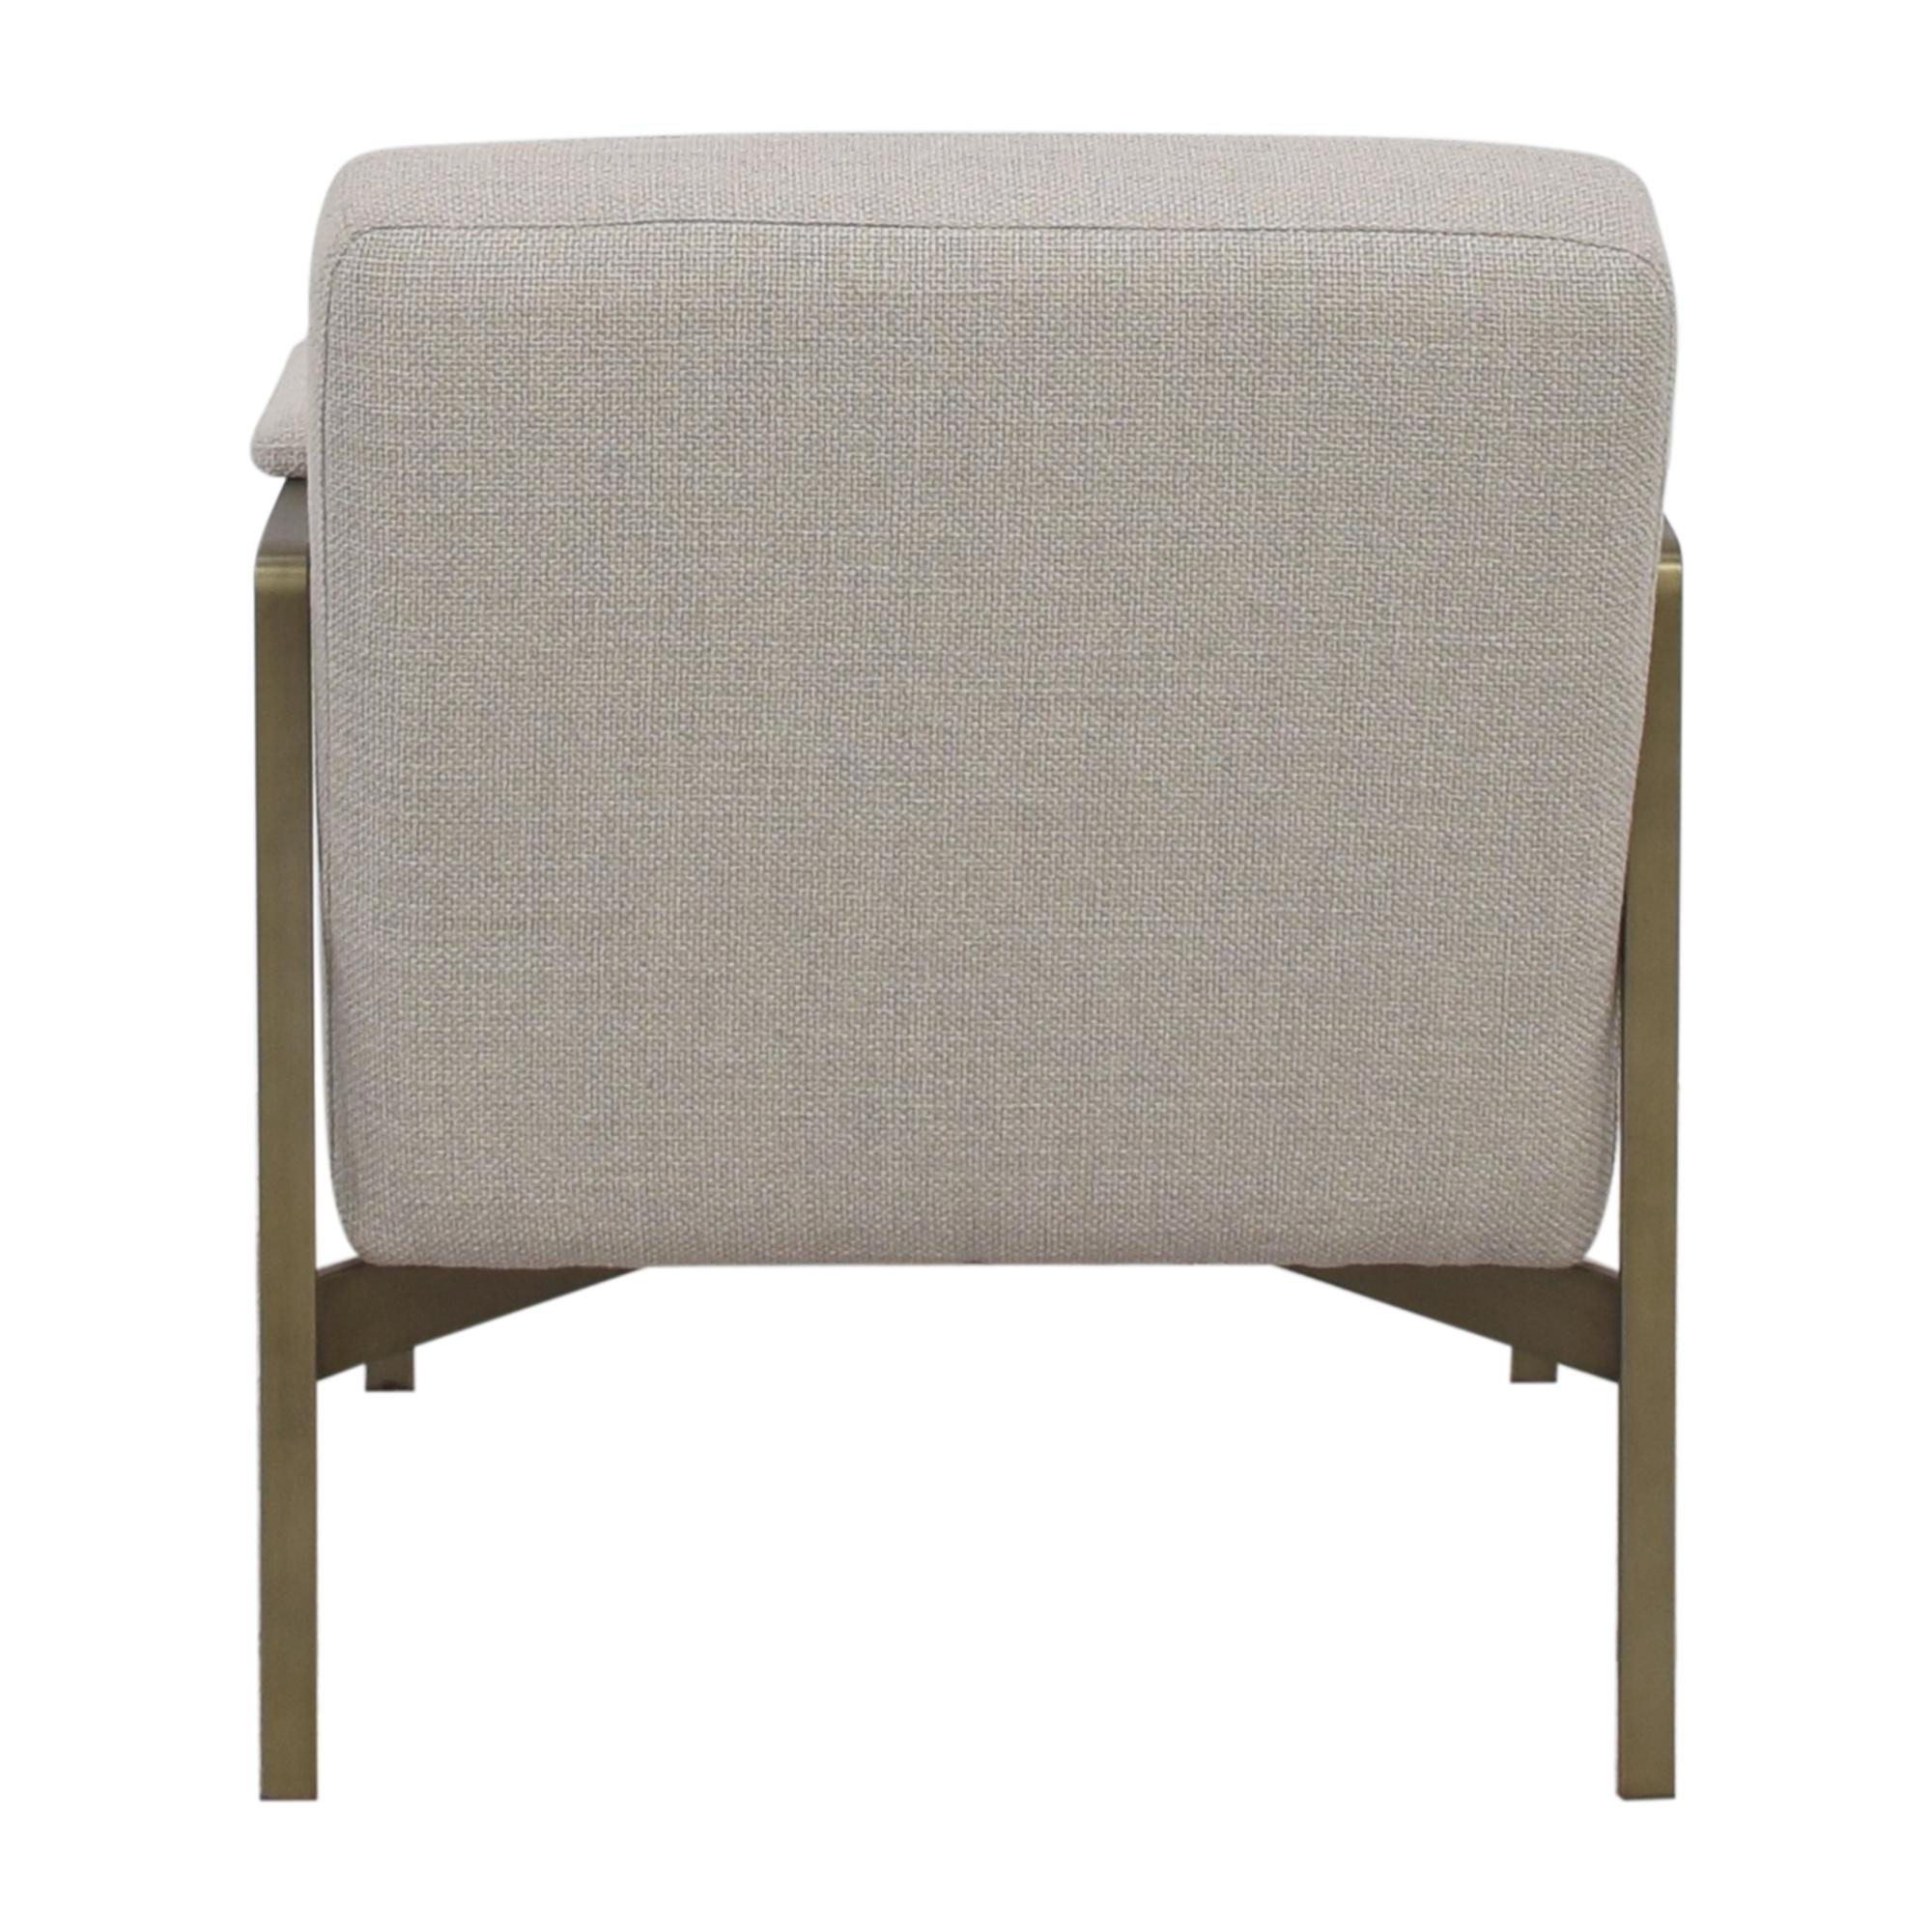 West Elm West Elm Highline Arm Chair on sale